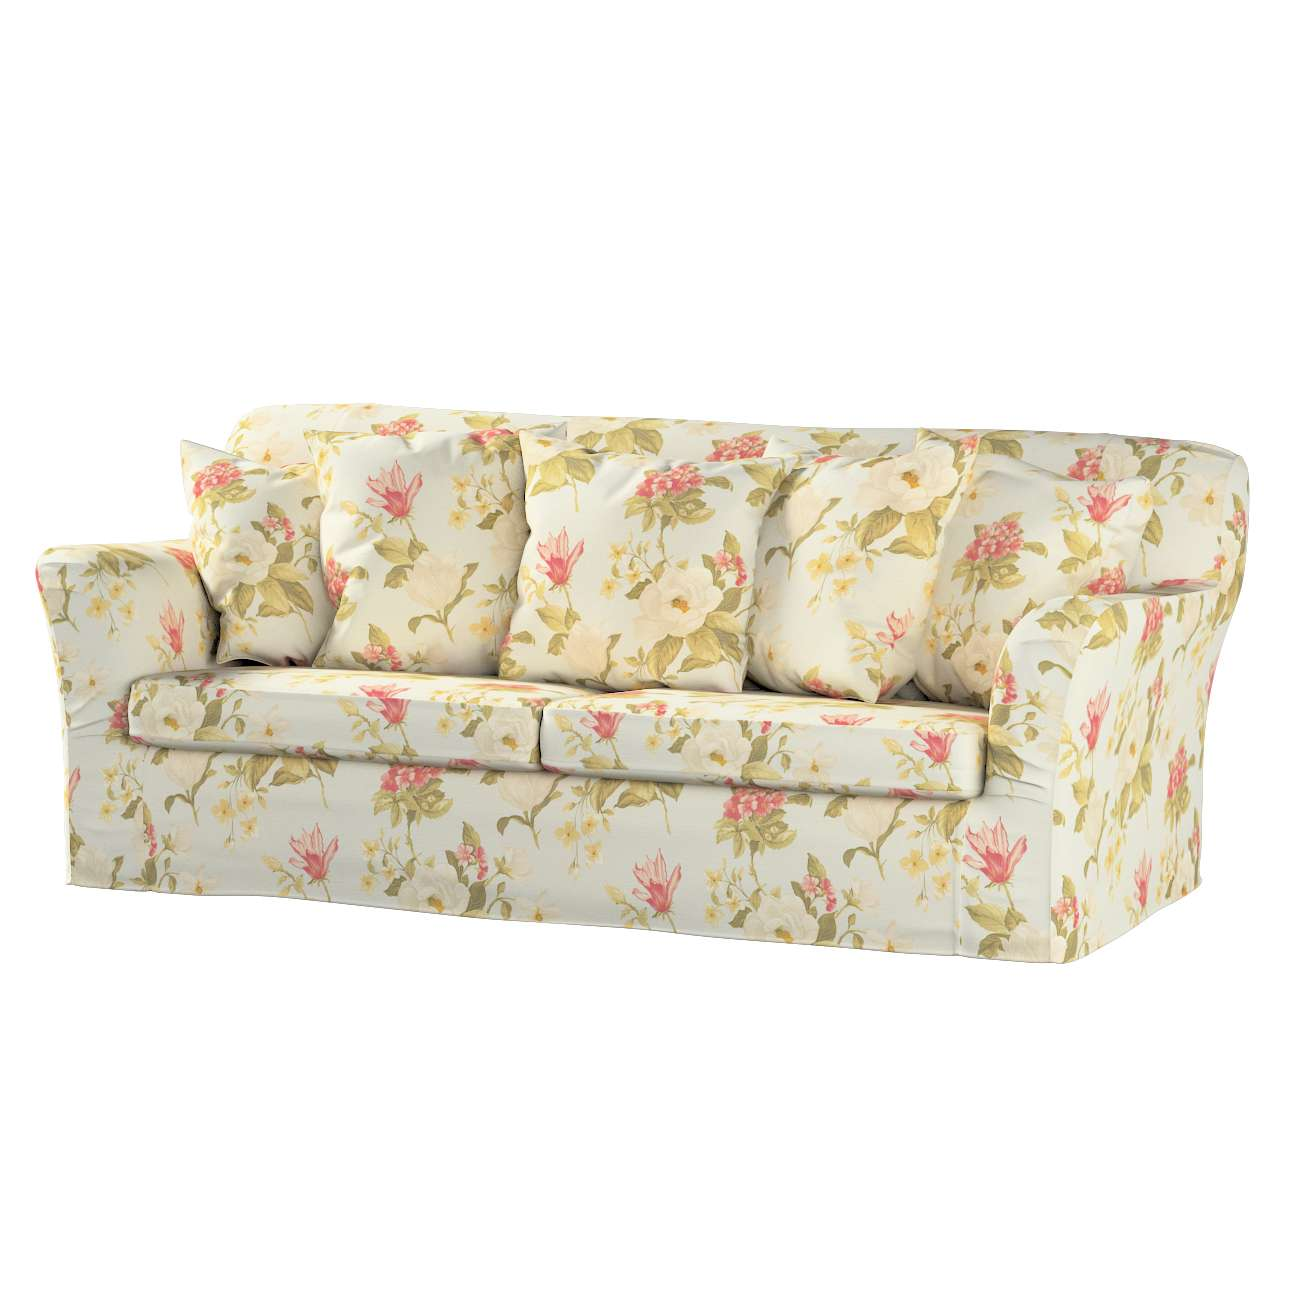 Pokrowiec na sofę Tomelilla 3-osobową rozkładaną w kolekcji Londres, tkanina: 123-65